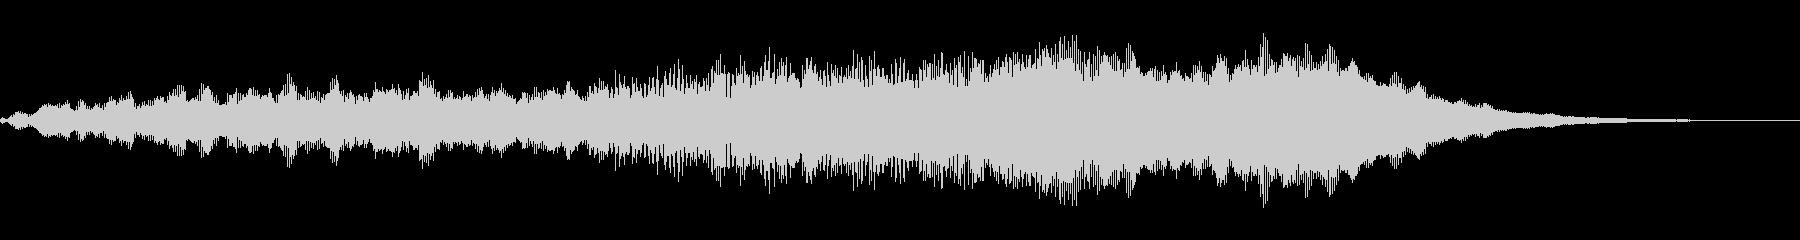 スパークリーシンセトーンの未再生の波形